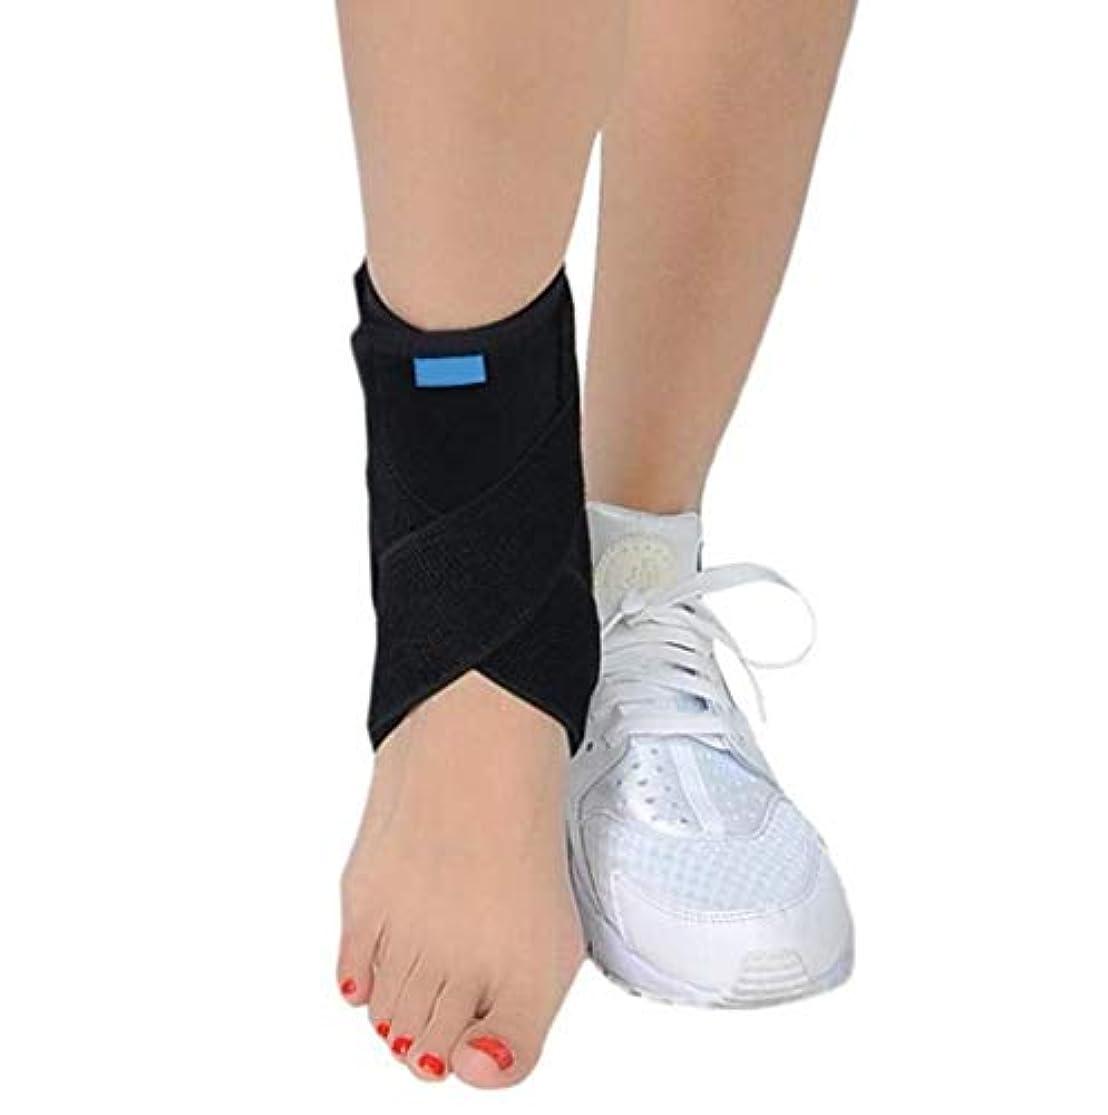 明らかにマットレス成長する足スプリント足首装具、矯正足ドロップ姿勢、かかとの痛み、足ドロップ、足底筋膜炎の安定化とアキレス腱炎の症状を緩和します